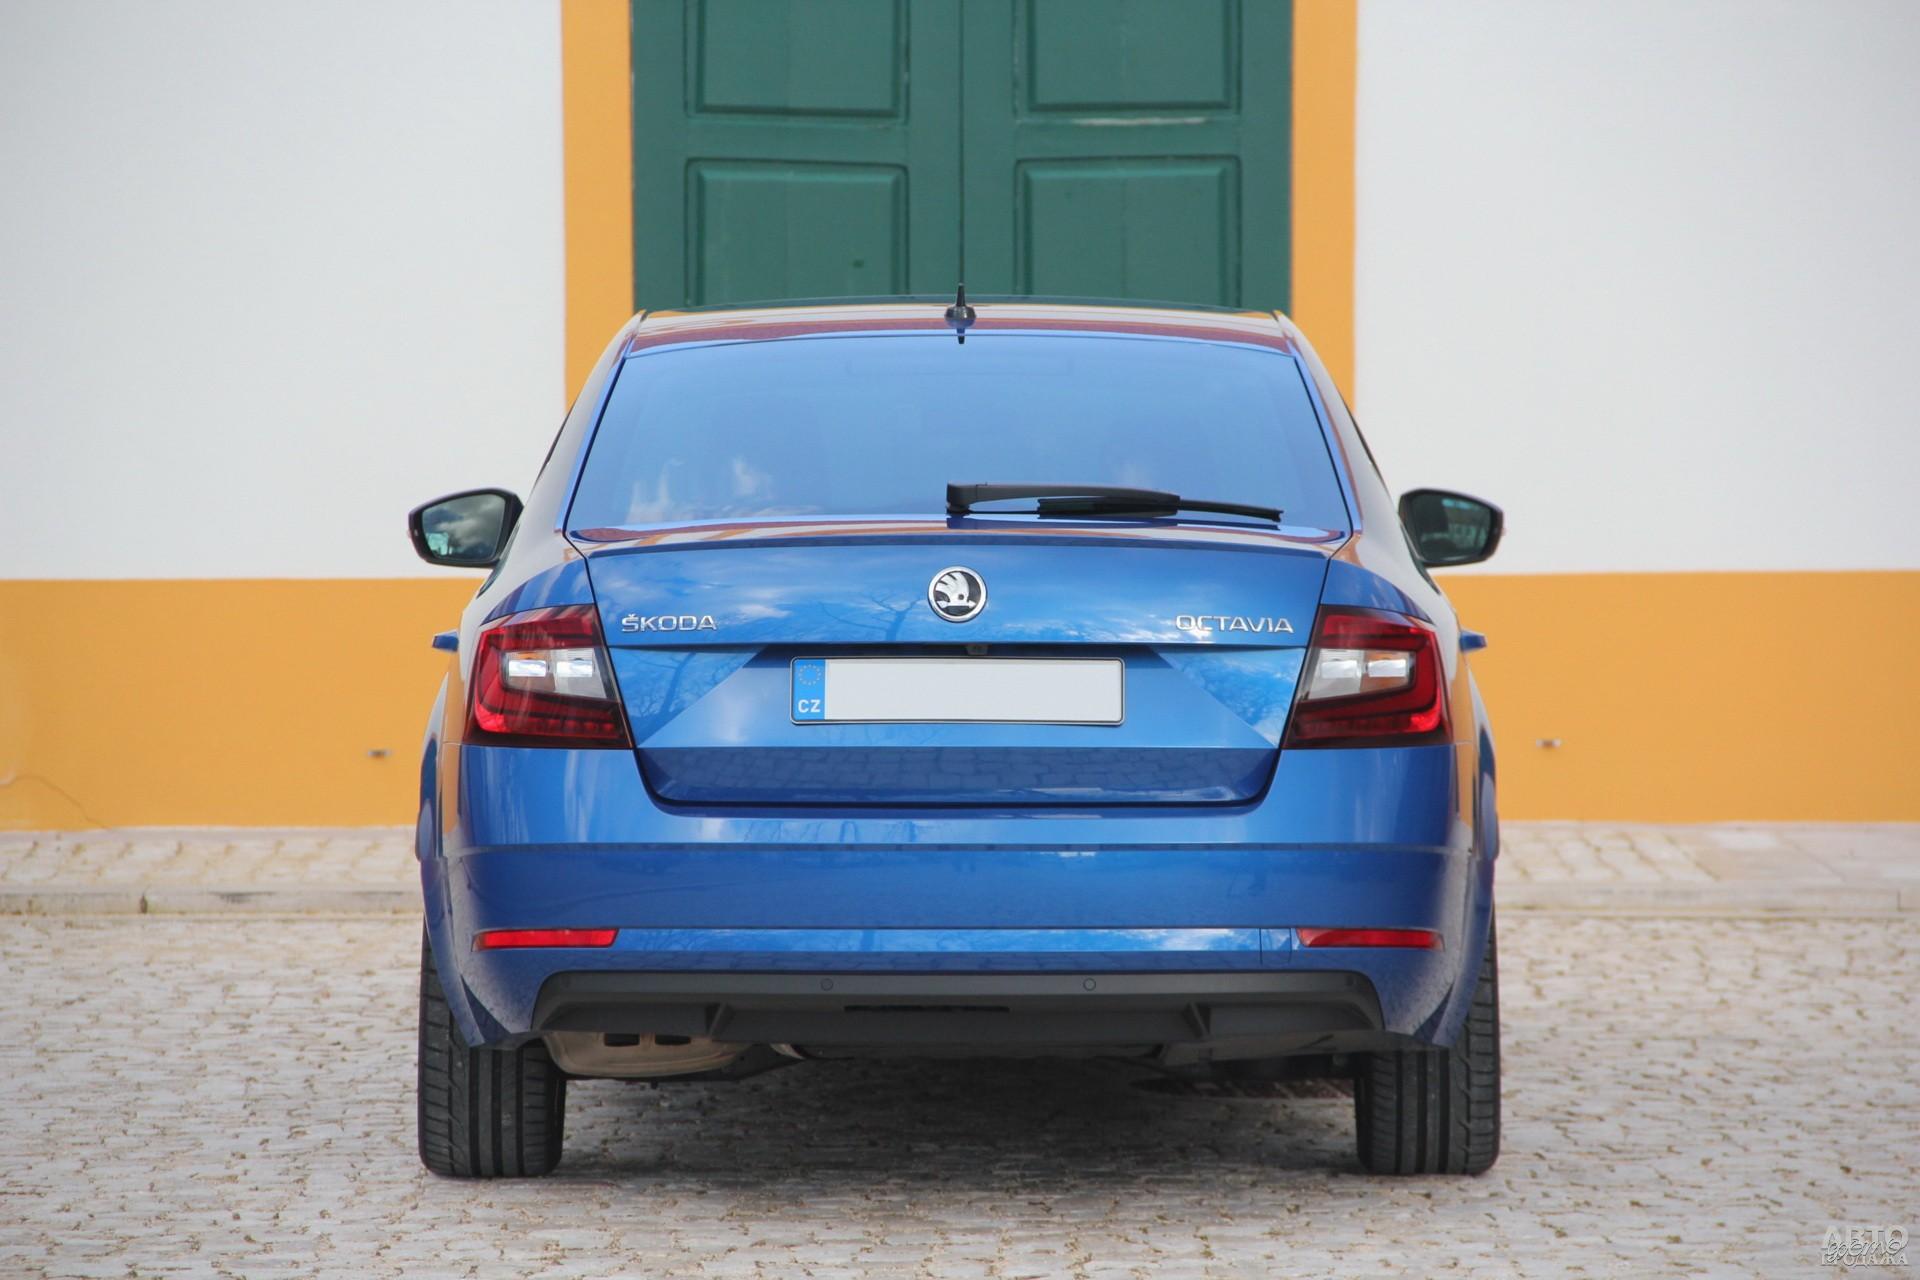 По краям кузова Octavia расположены квадратные фонари